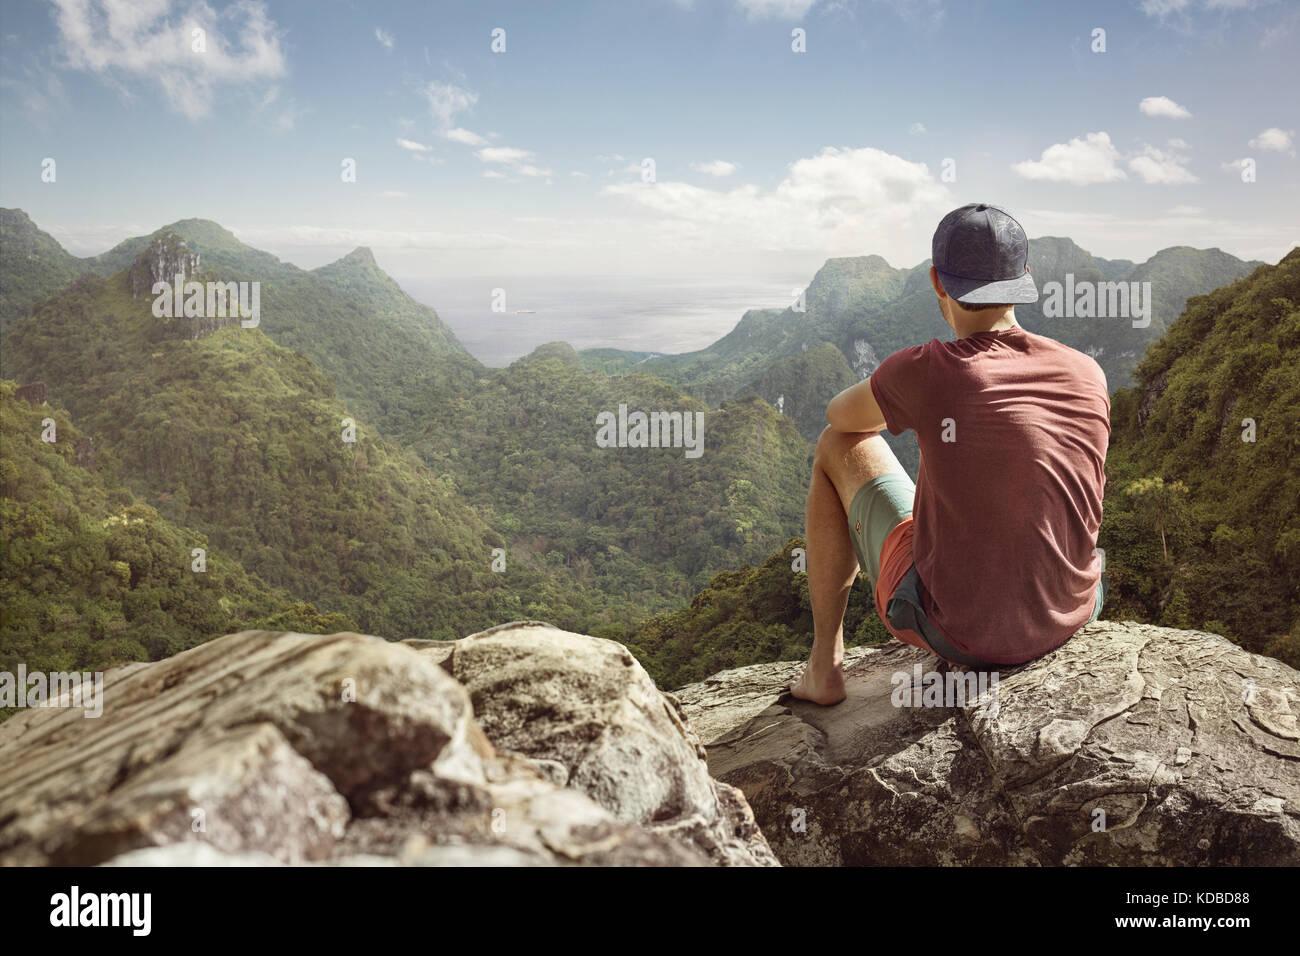 Giovane uomo ha una vista panoramica su un paesaggio tropicale Immagini Stock